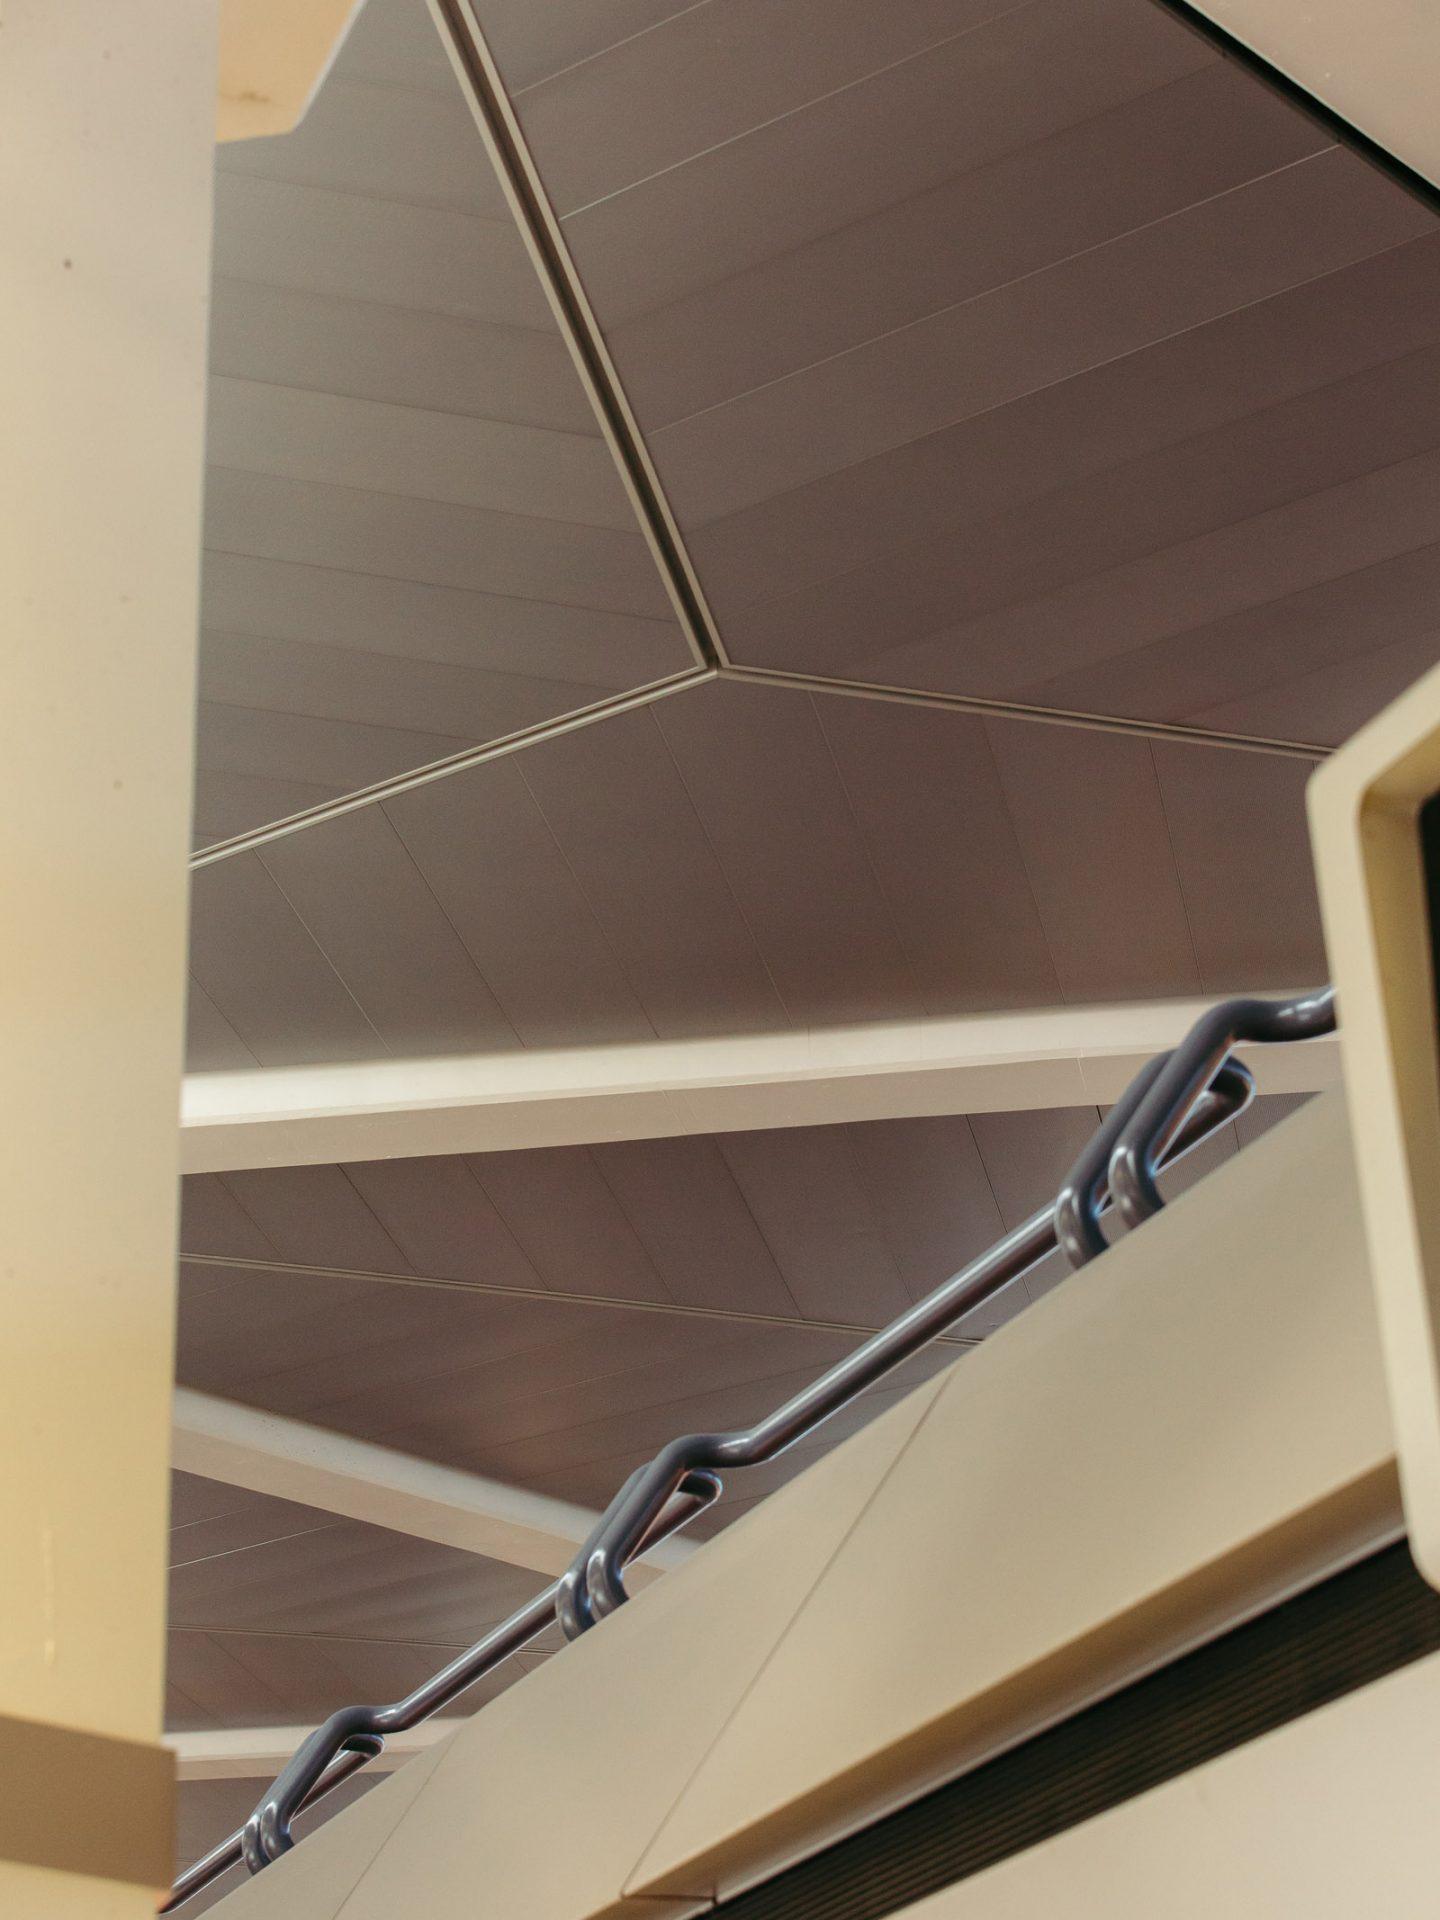 IGNANT-Photography-Flughafen-Tegel-Felix-Bruggemann-Robert-Rieger-09